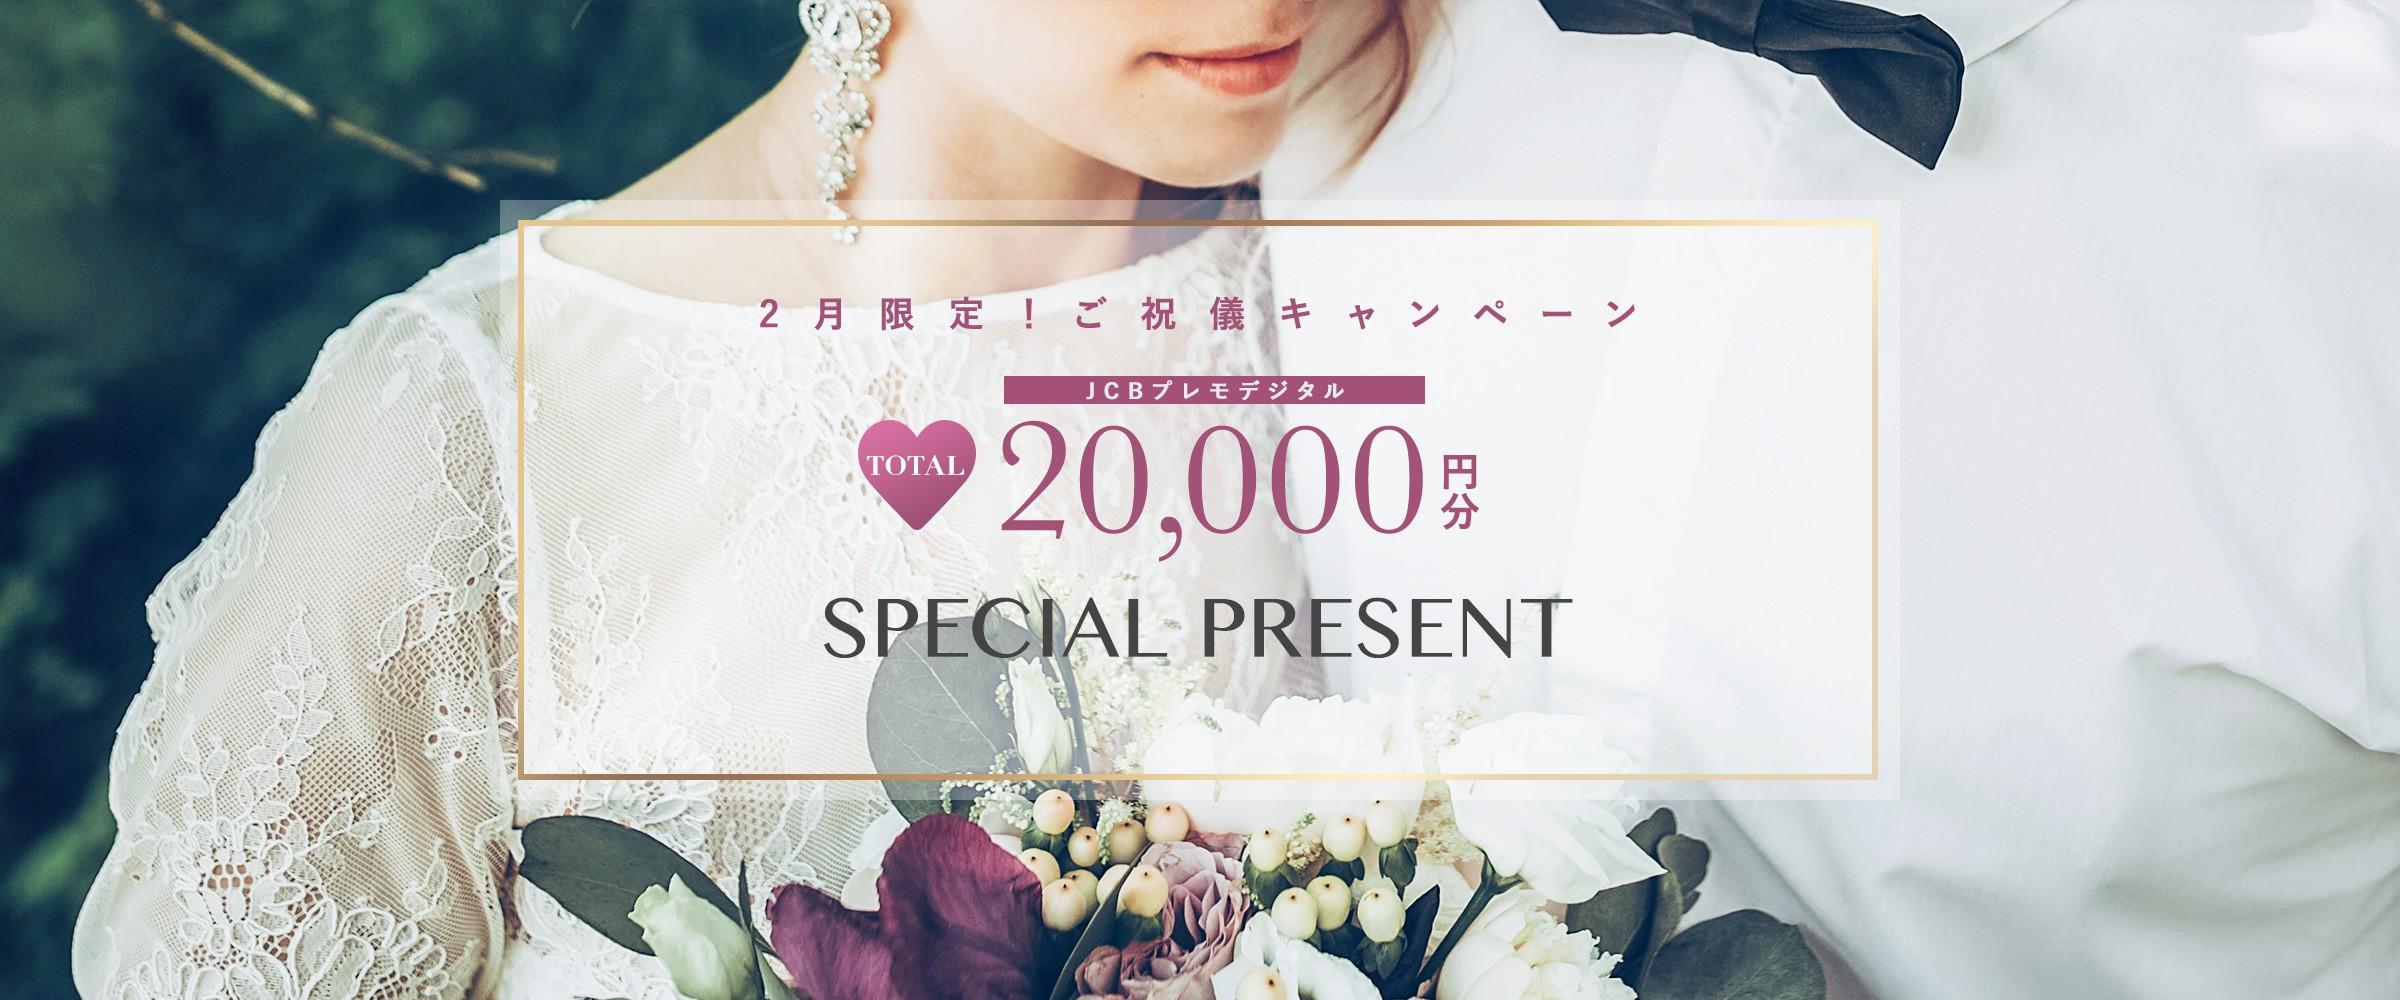 2月限定!ご祝儀キャンペーン最大20,000分JCBプレモデジタルSPECIAL PRESENT